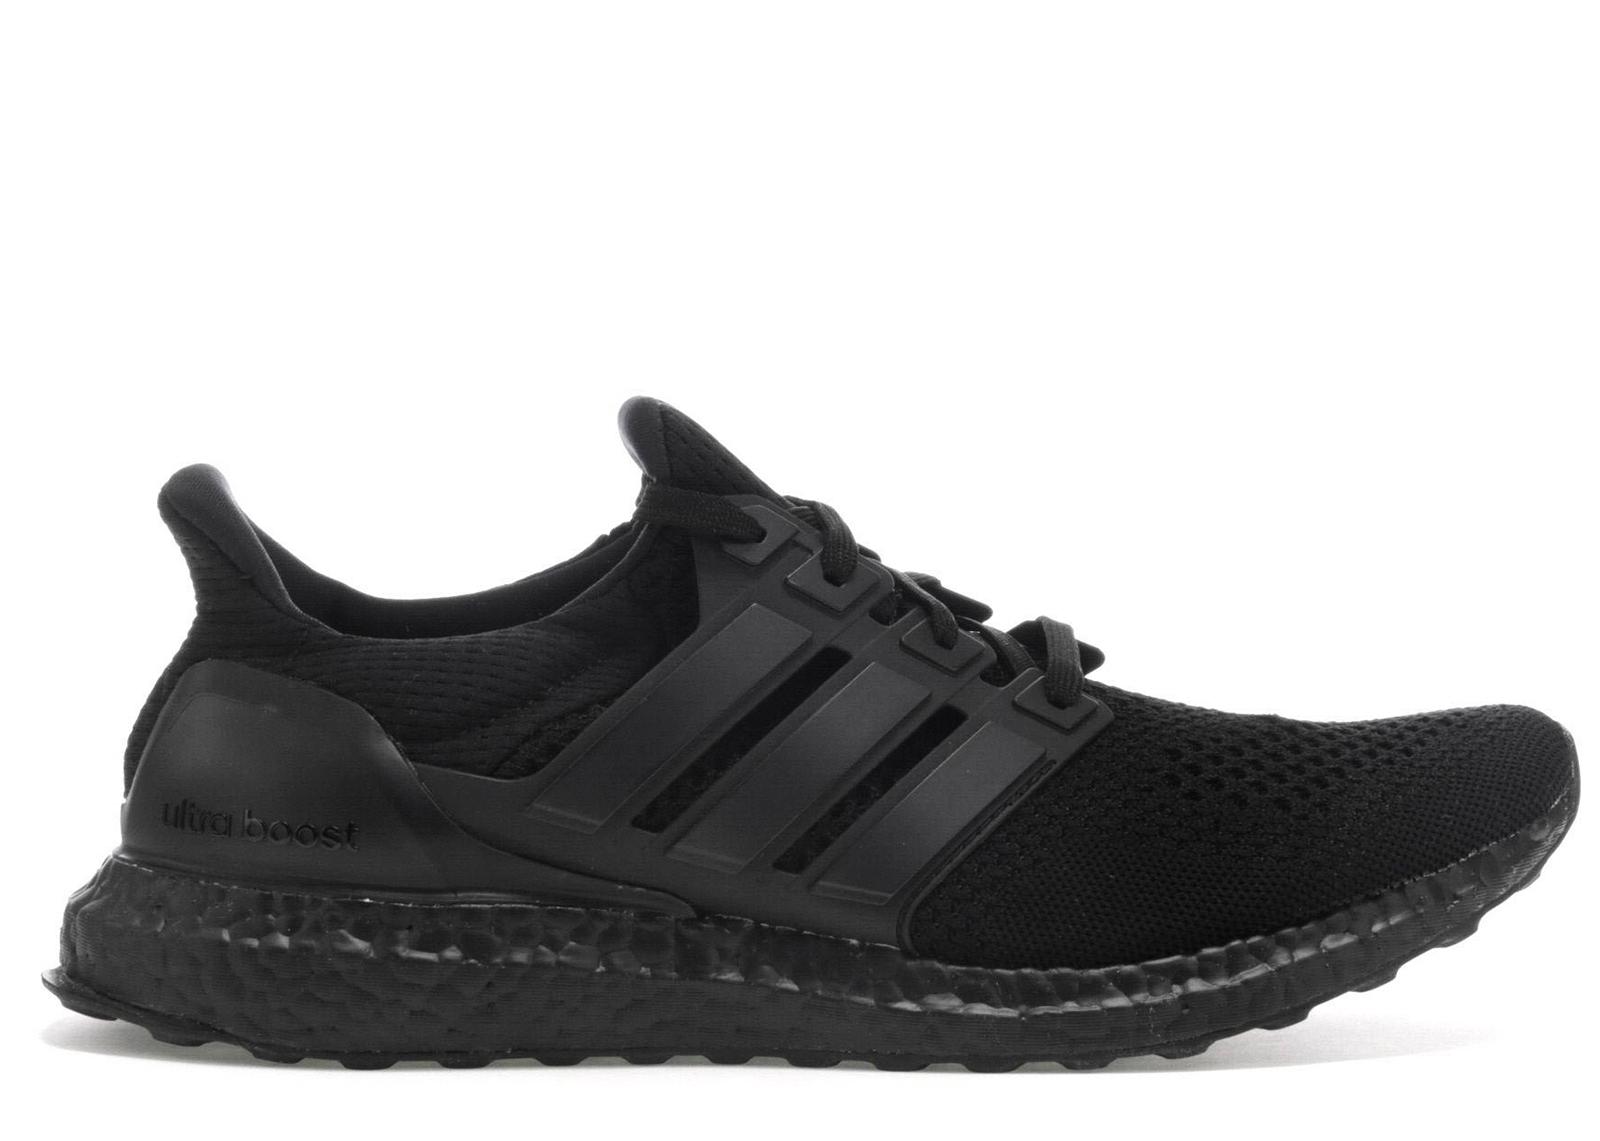 Kaufen adidas Ultra Boost 1.0 Schuhe und brandneue